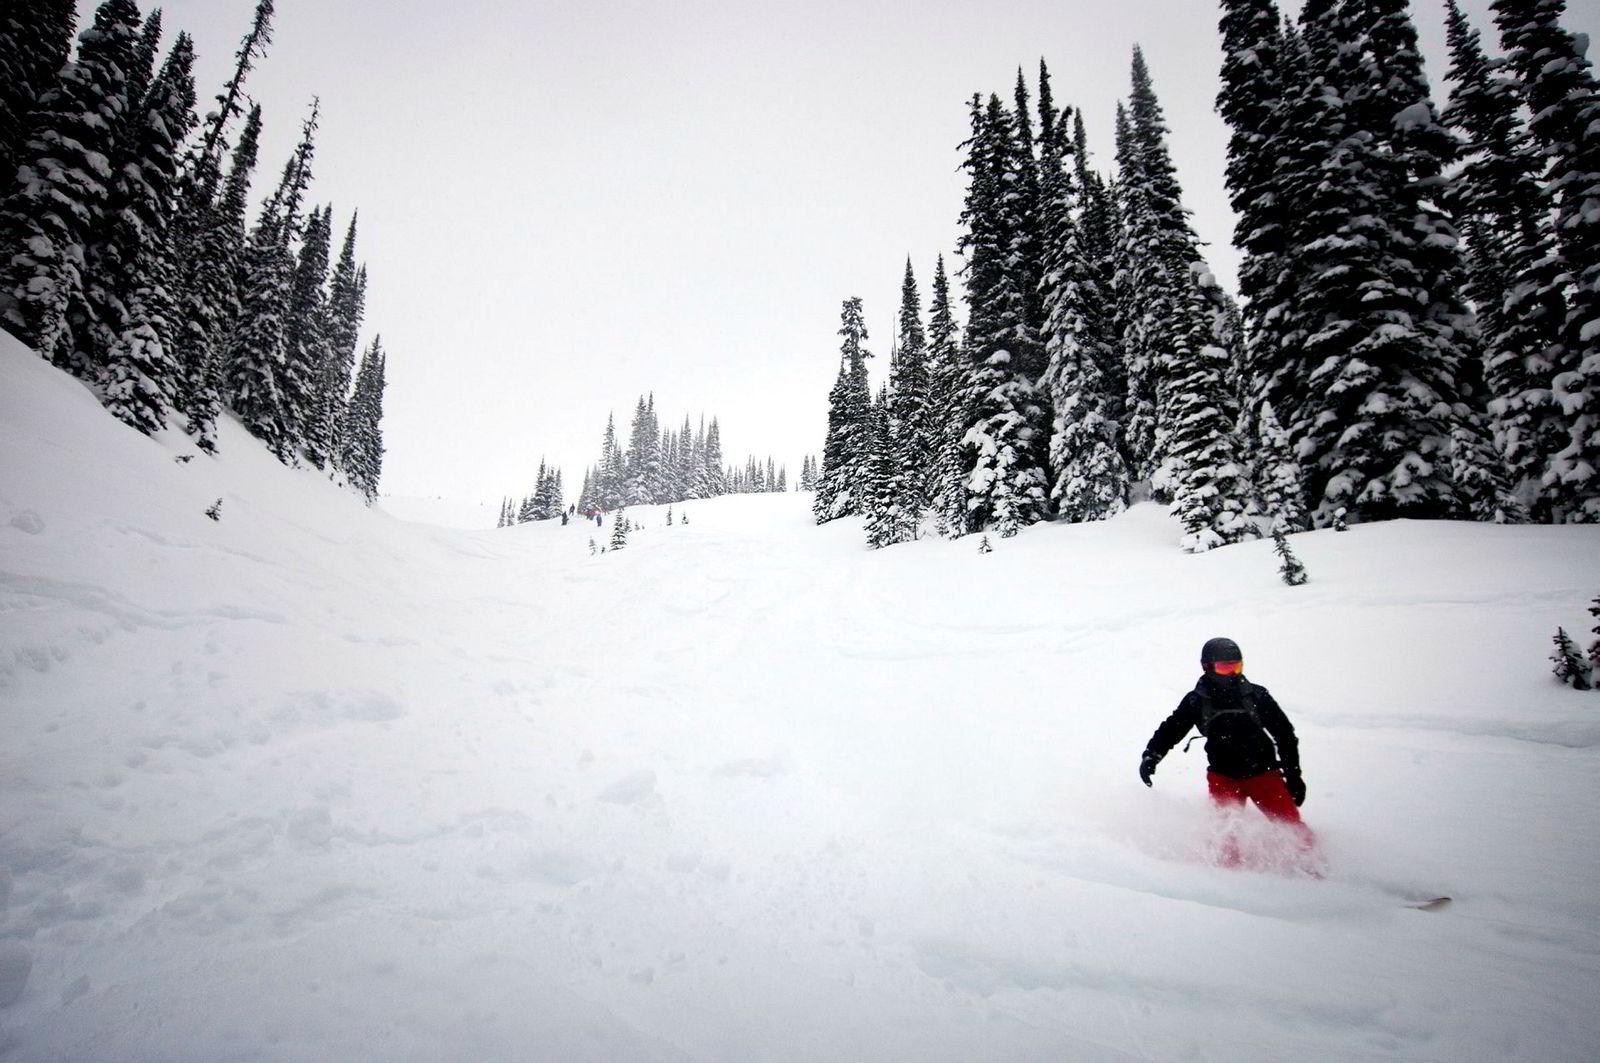 På én dag kan skituristene få med seg 7000 høydemeter på ski og brett. Klimaet i British Columbia og Rocky Mountains i Canada gjør at det faller flere meter snø hver vinter, og områdene er blant de beste i verden for løssnøkjøring.